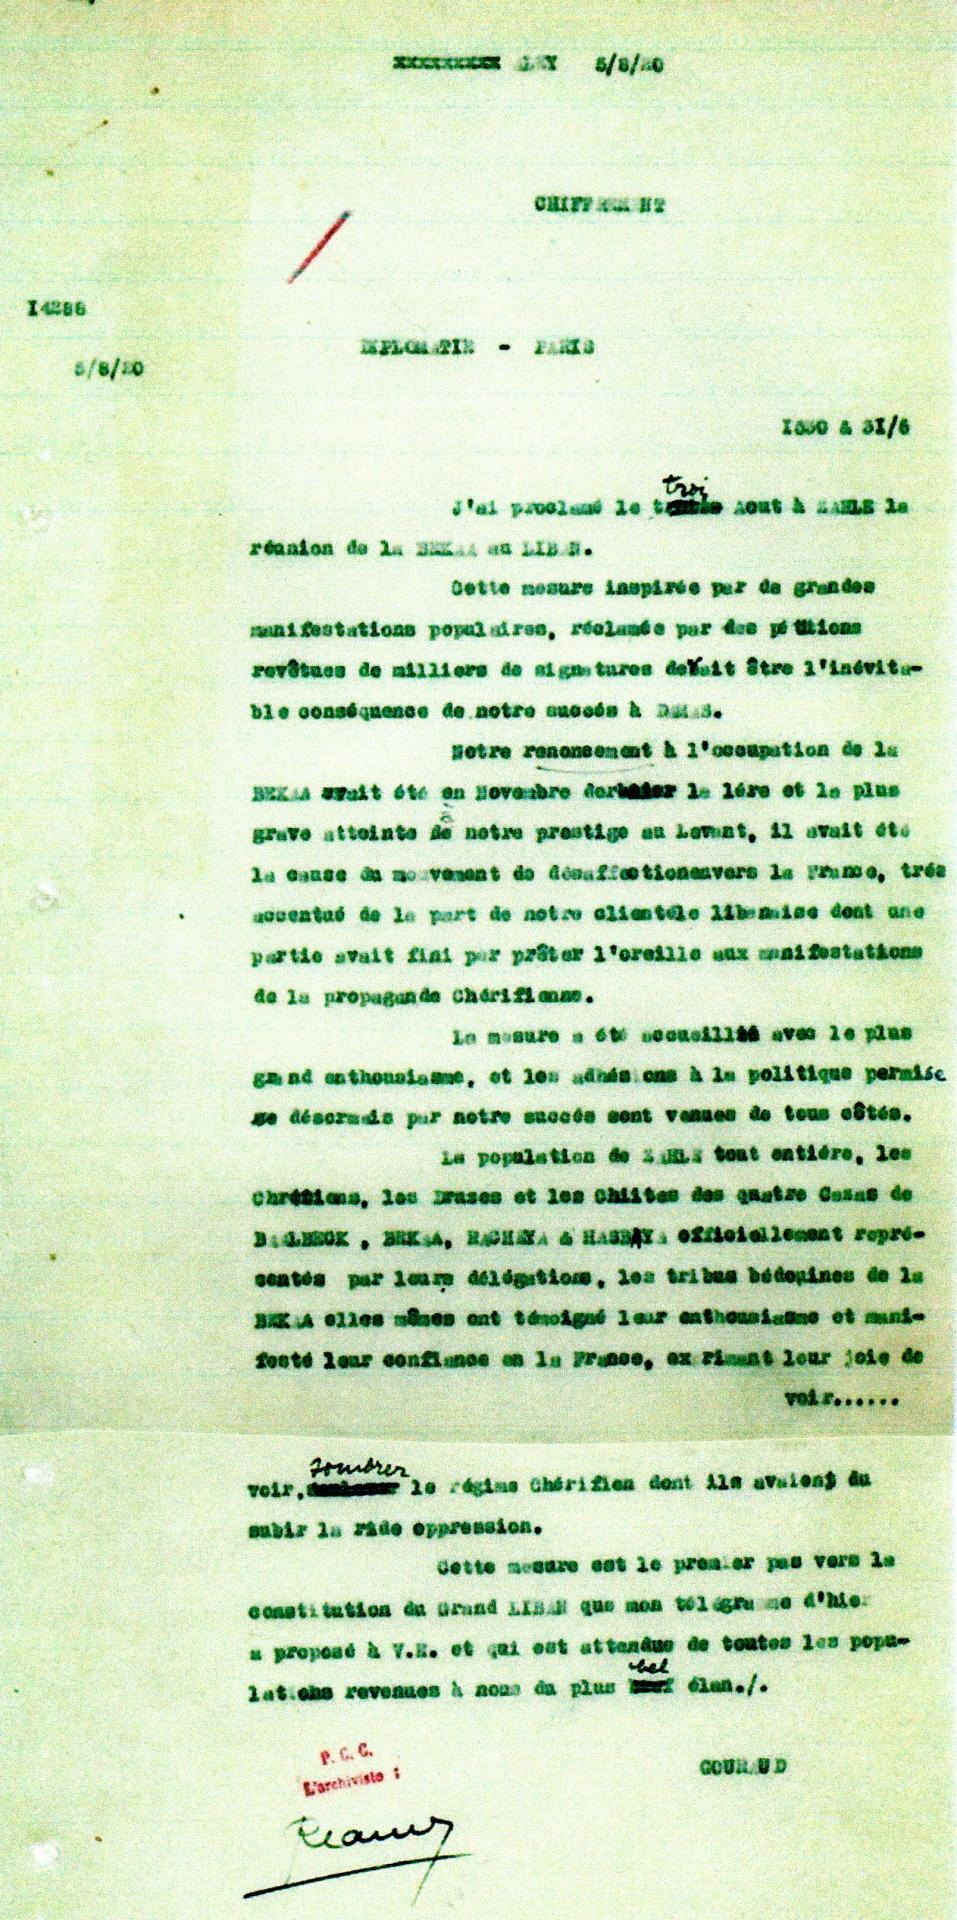 Telegramme gouraud du 05 08 1920